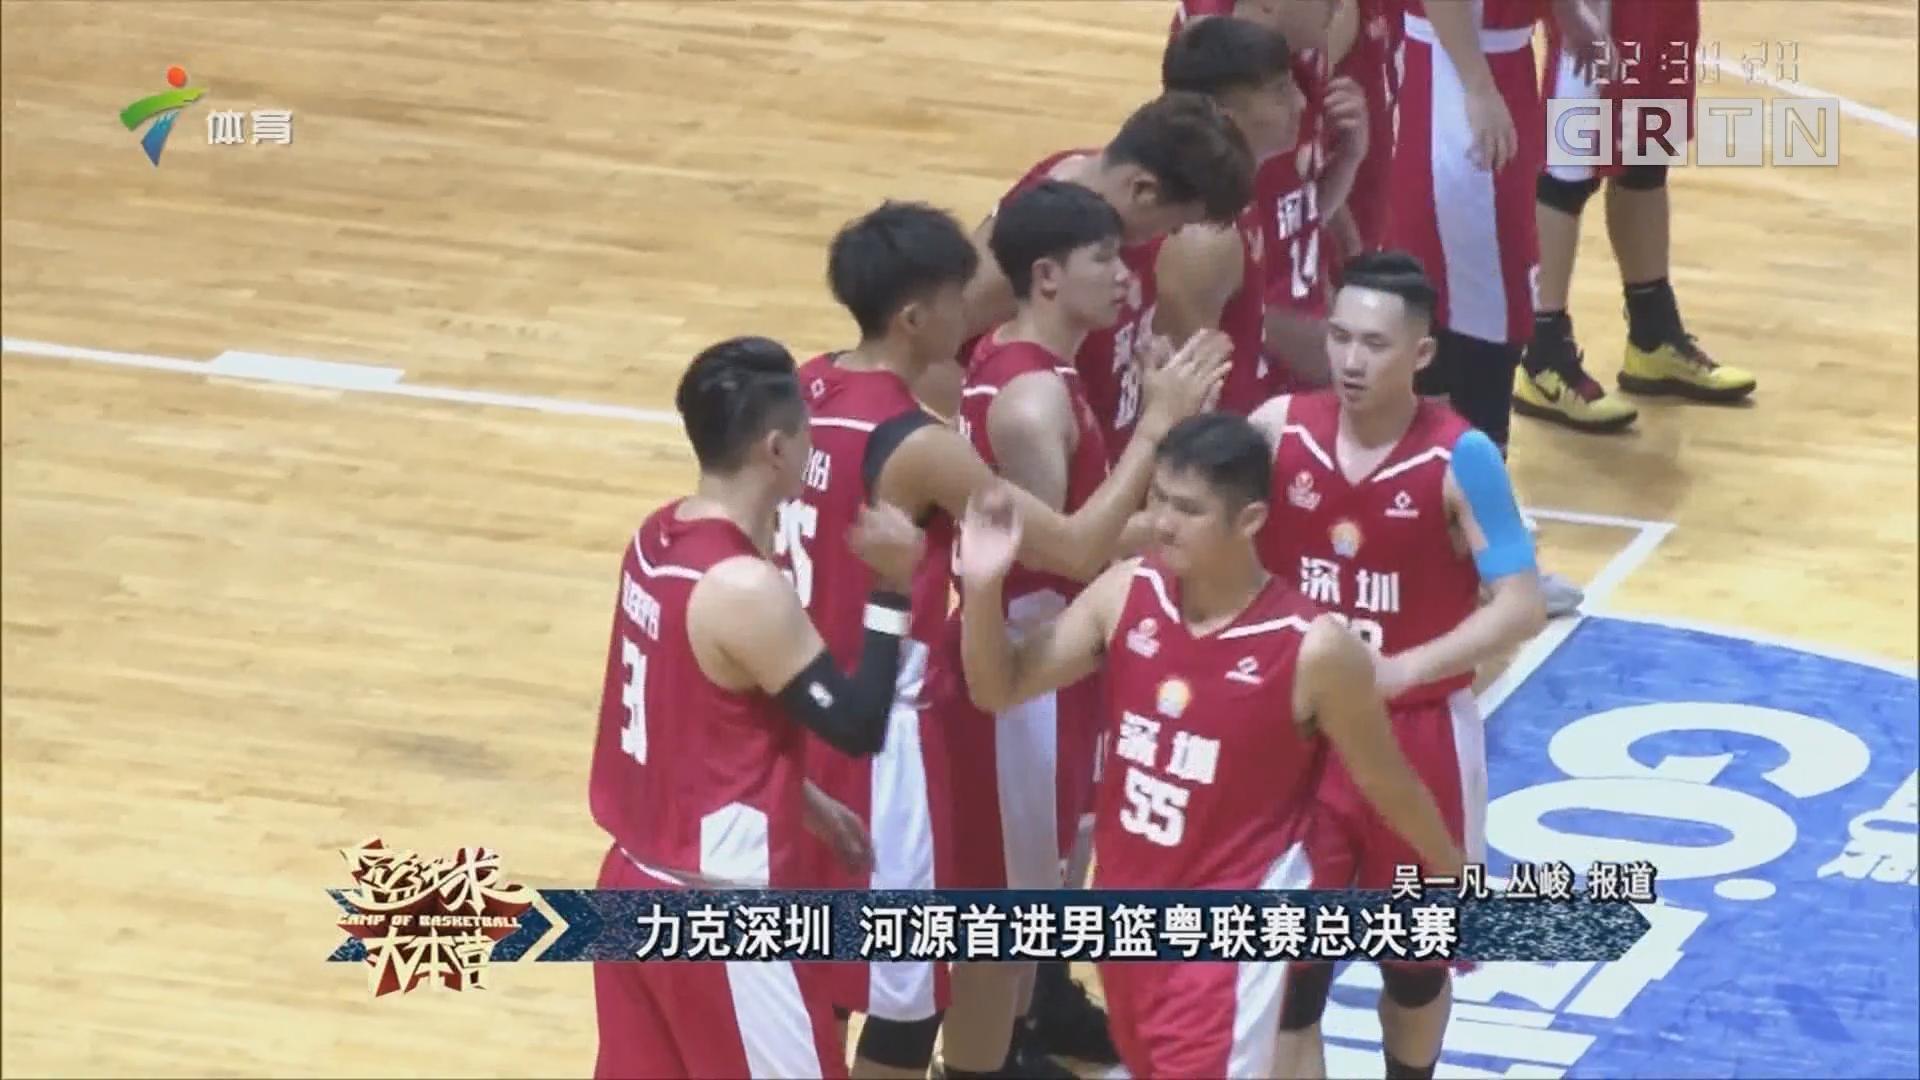 力克深圳 河源首进男篮粤联赛总决赛